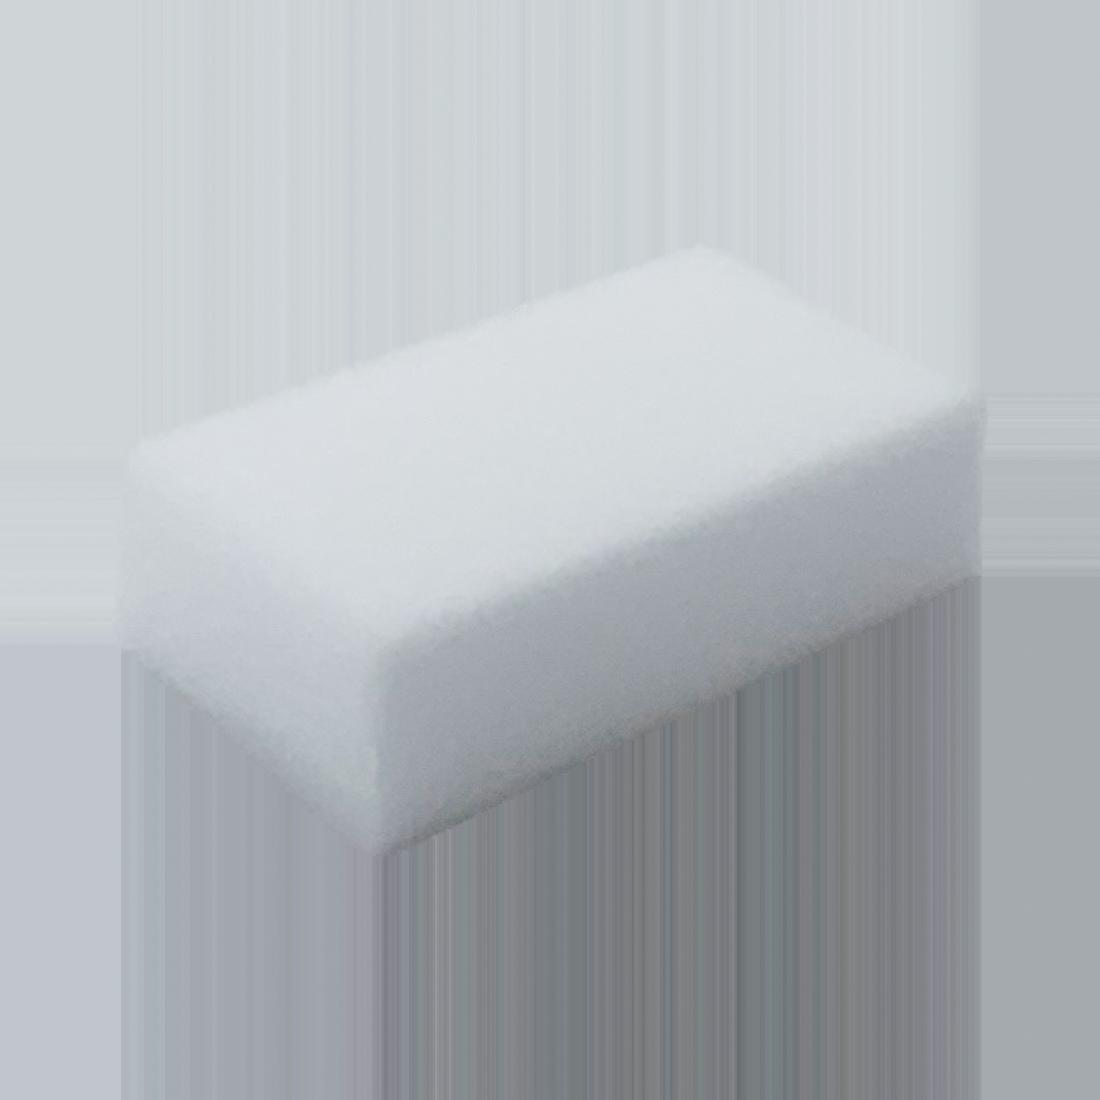 UH-Melaminschwamm, Schmutzradierer, Fleckenentferner, weiß, 12 x 7 x 3 cm